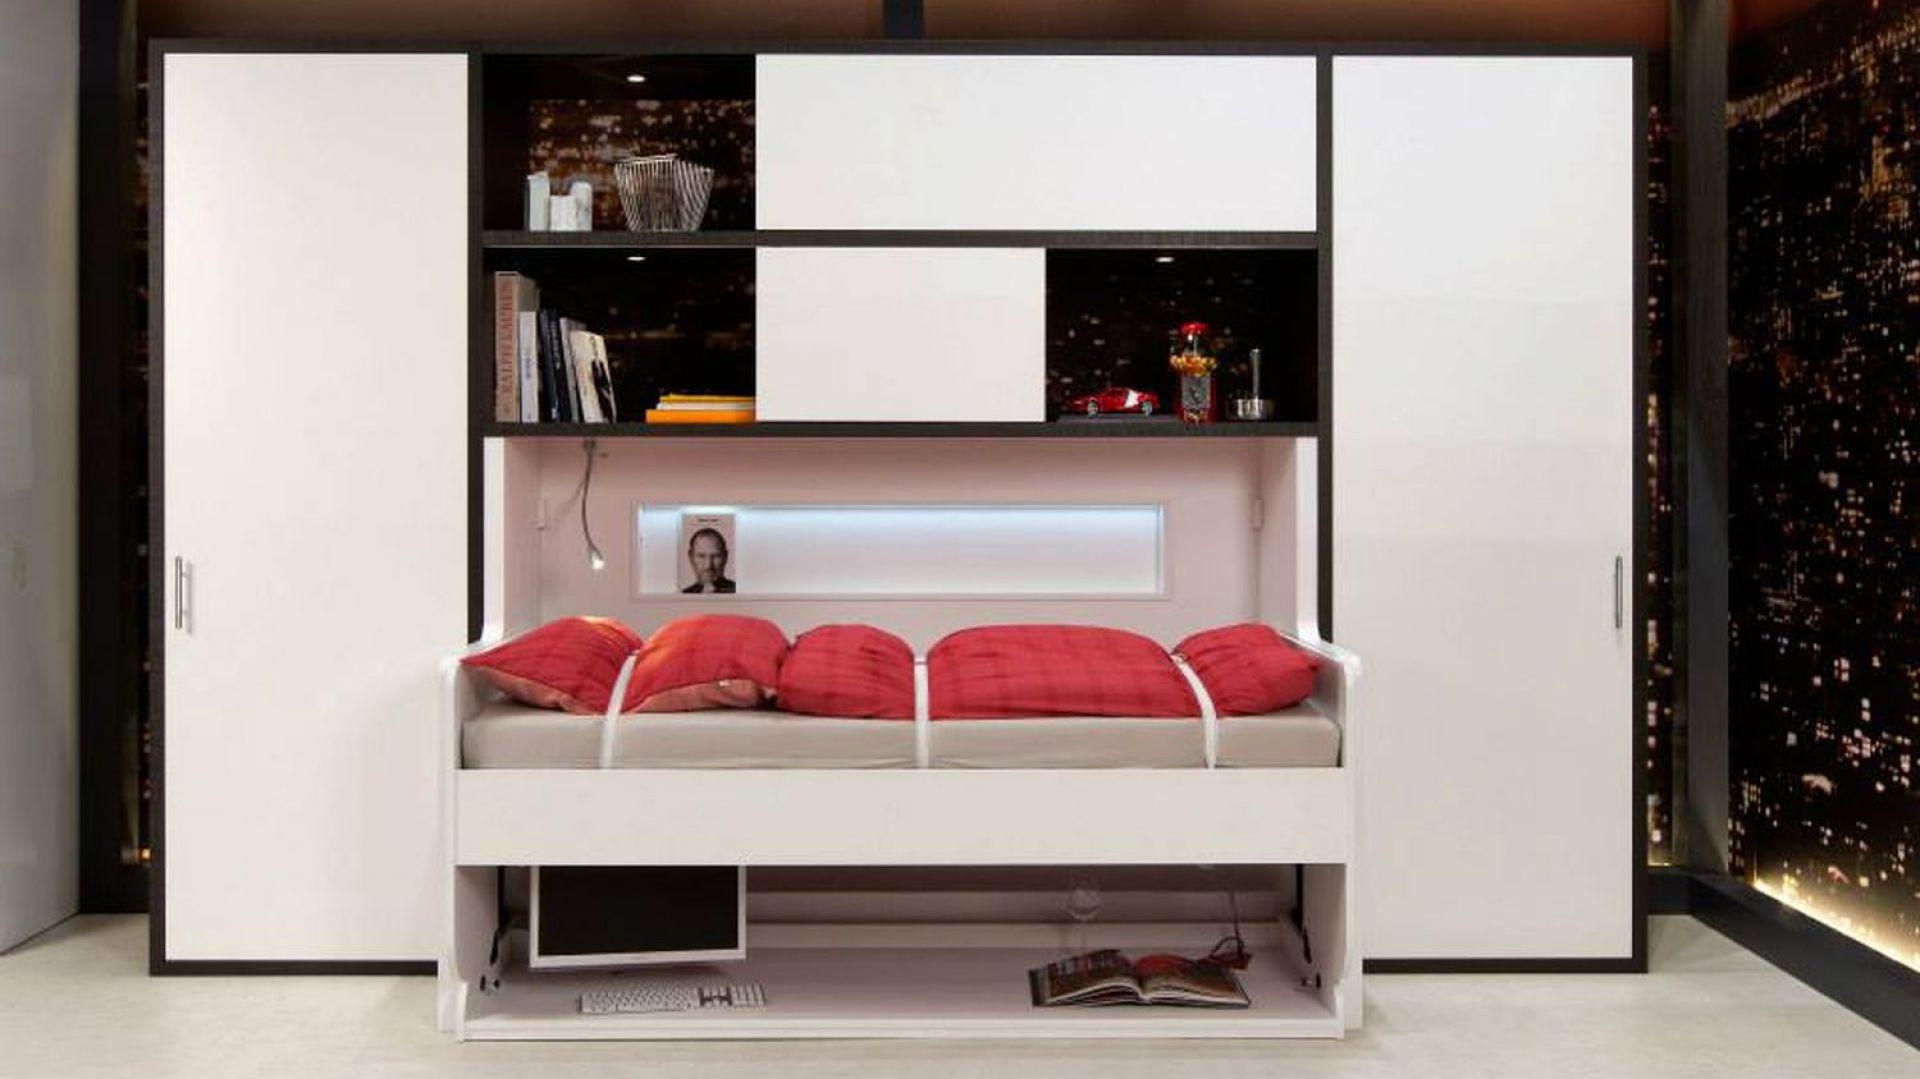 Funkcjonalne rozwiązania do małych mieszkań: biurko-łóżko. Fot. Häfele